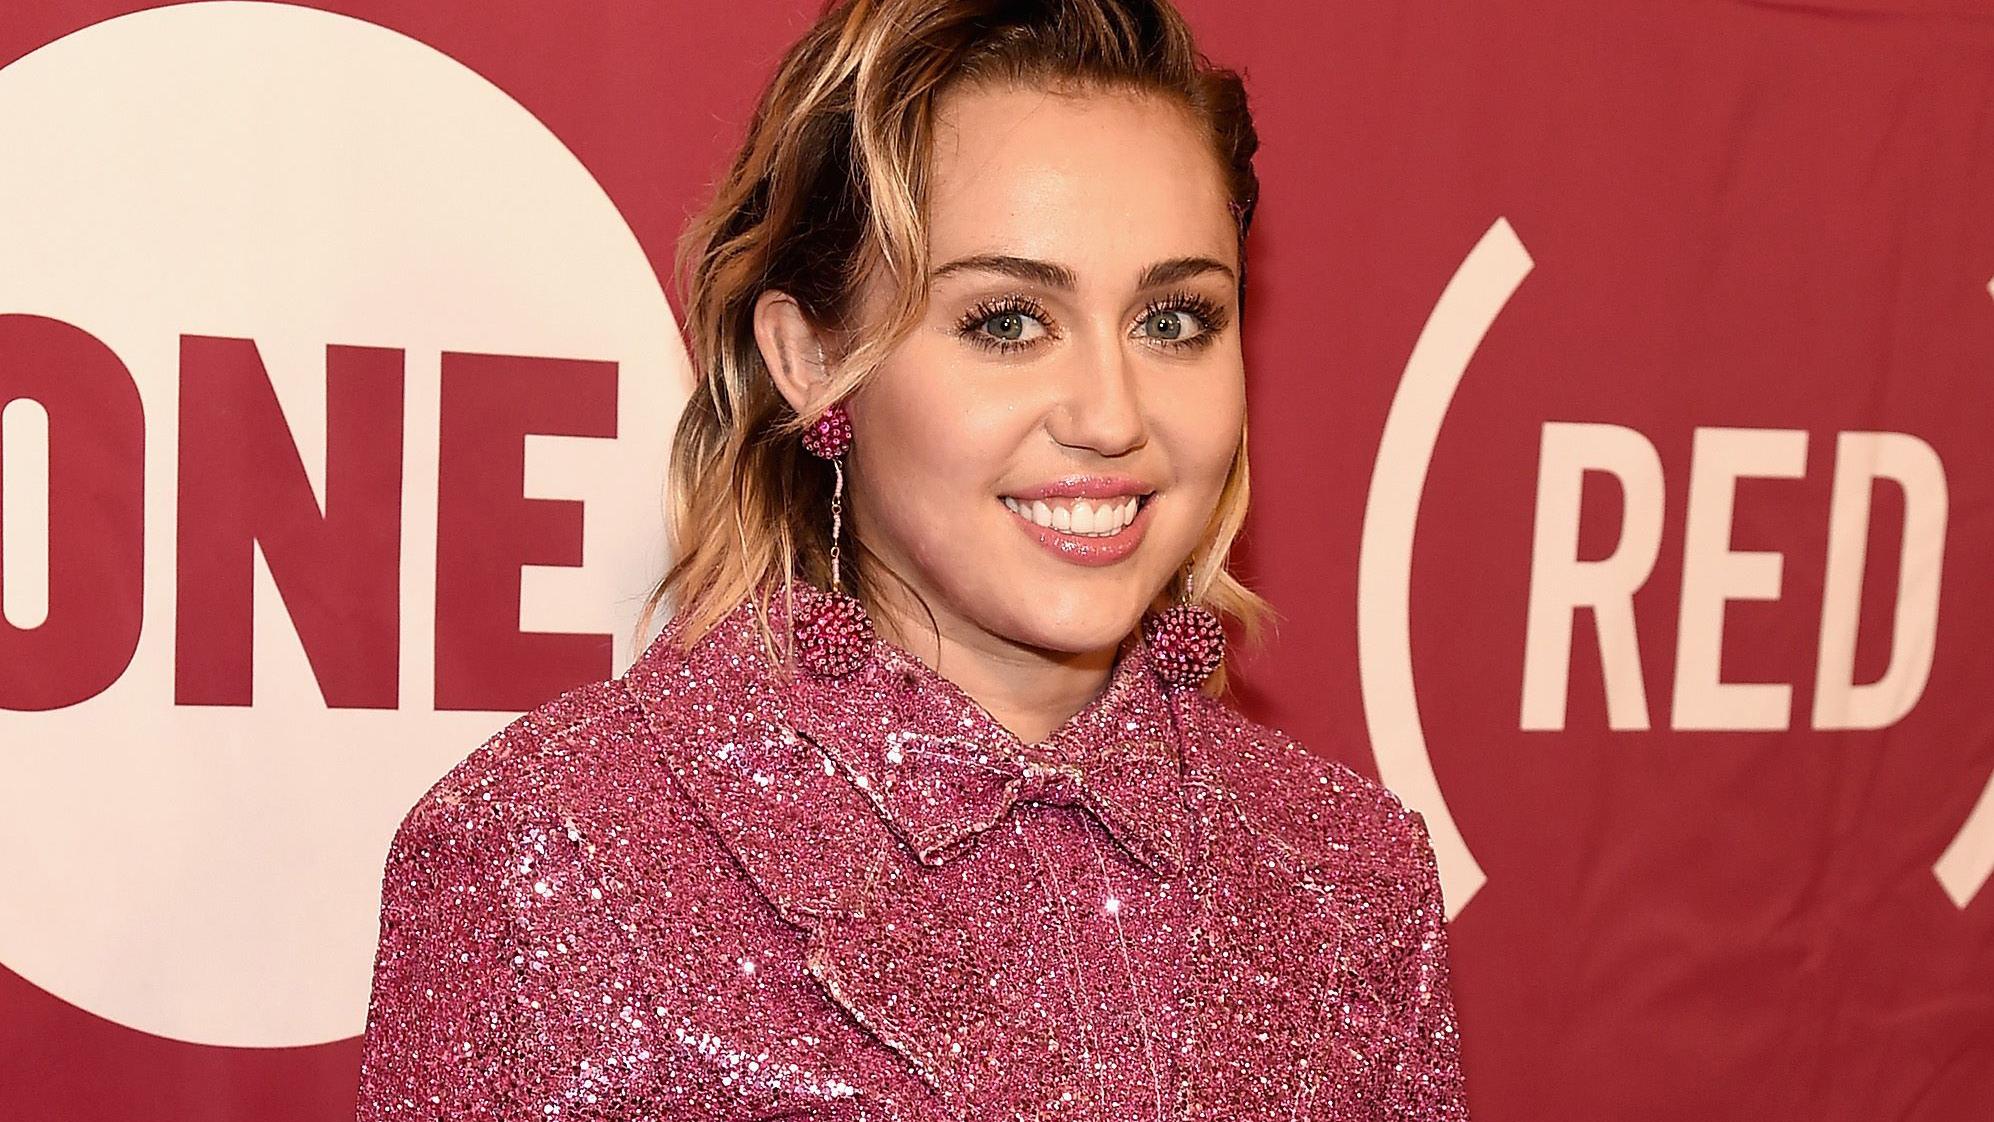 Mileyteaser